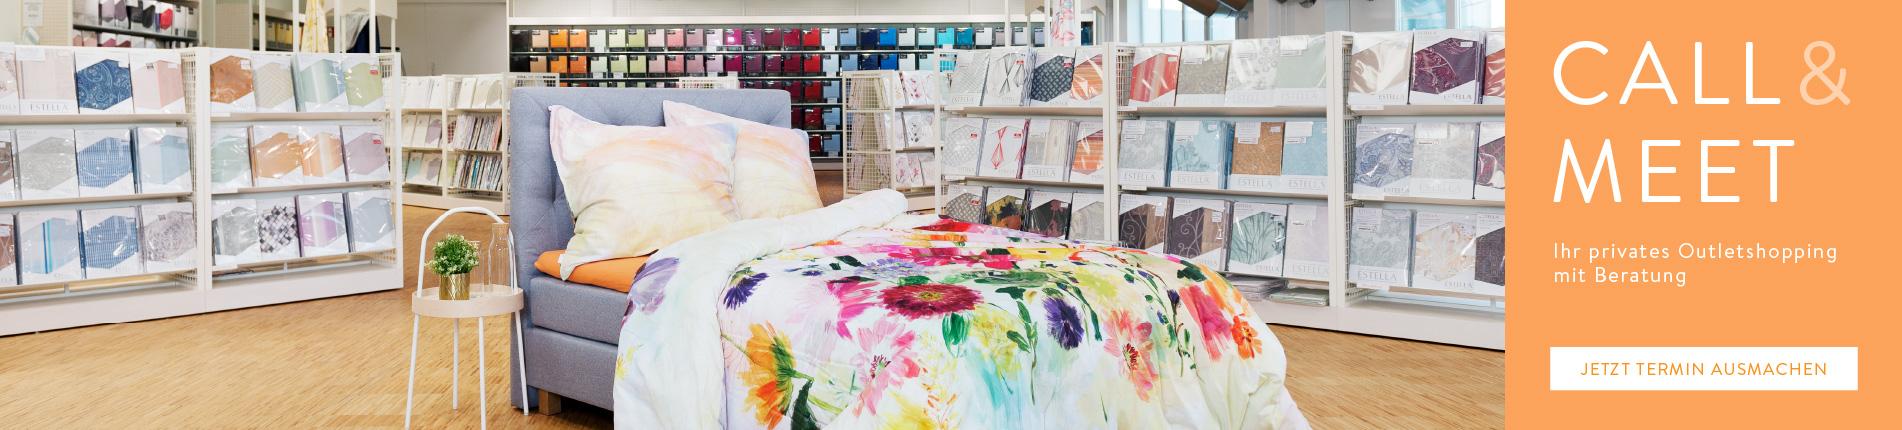 Estella Händlersuche Storefinder   Online-Shop